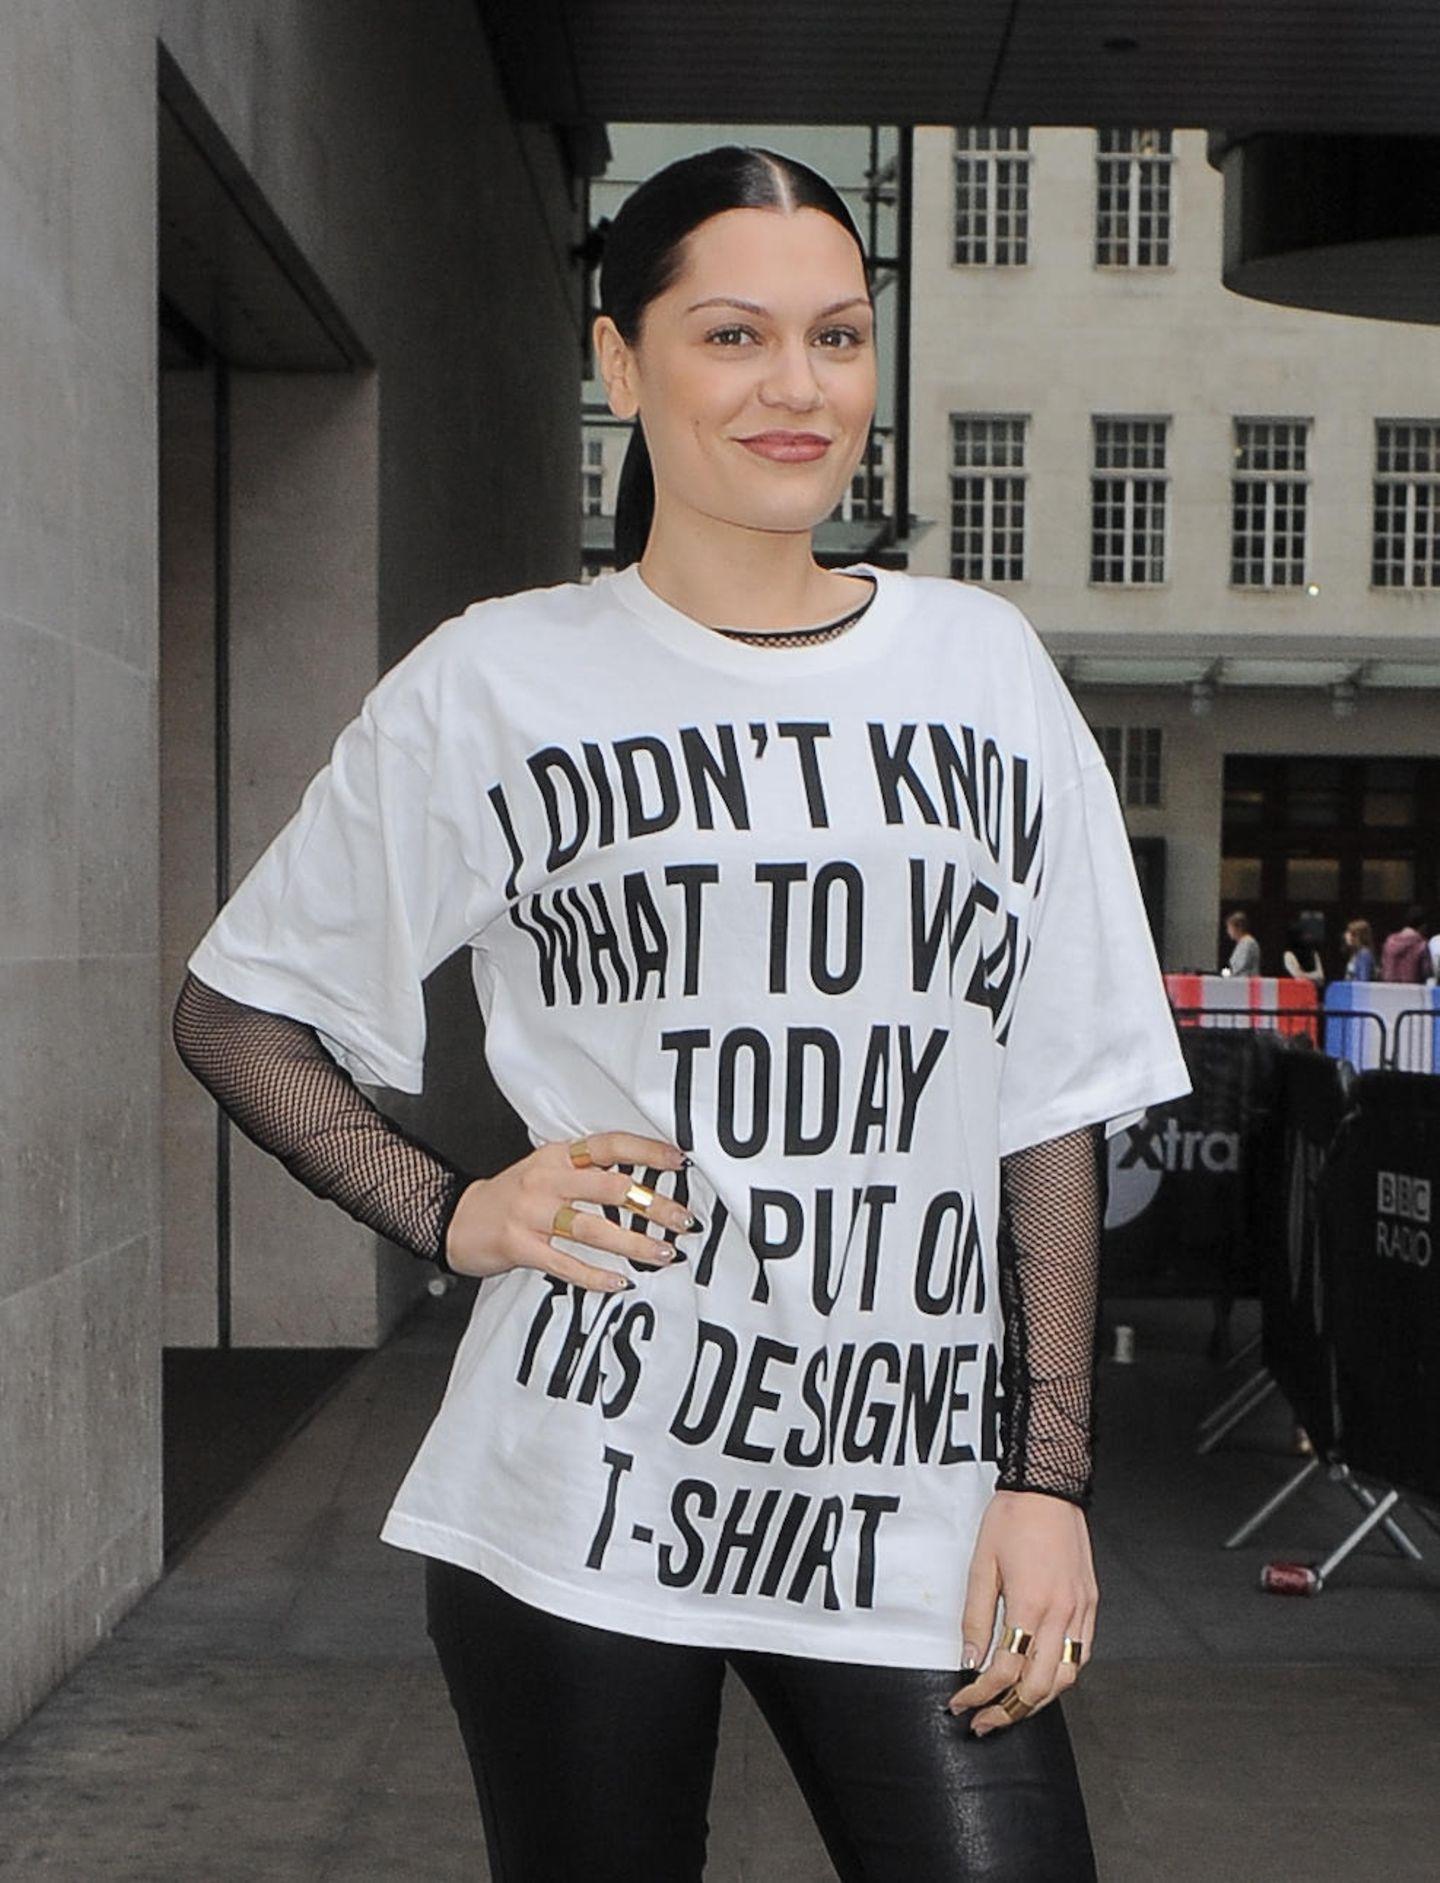 """Jessie J ist sich wohl unschlüssig was sie anziehen soll und sagt's durch ihr T-Shirt: """"I didn't know what to wear today so I put on this designer t-shirt."""""""